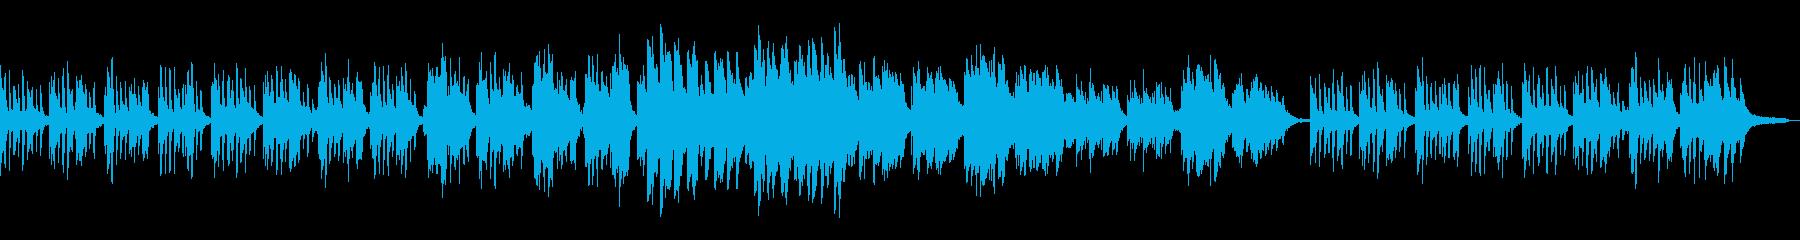 明るい雰囲気のBGMの再生済みの波形